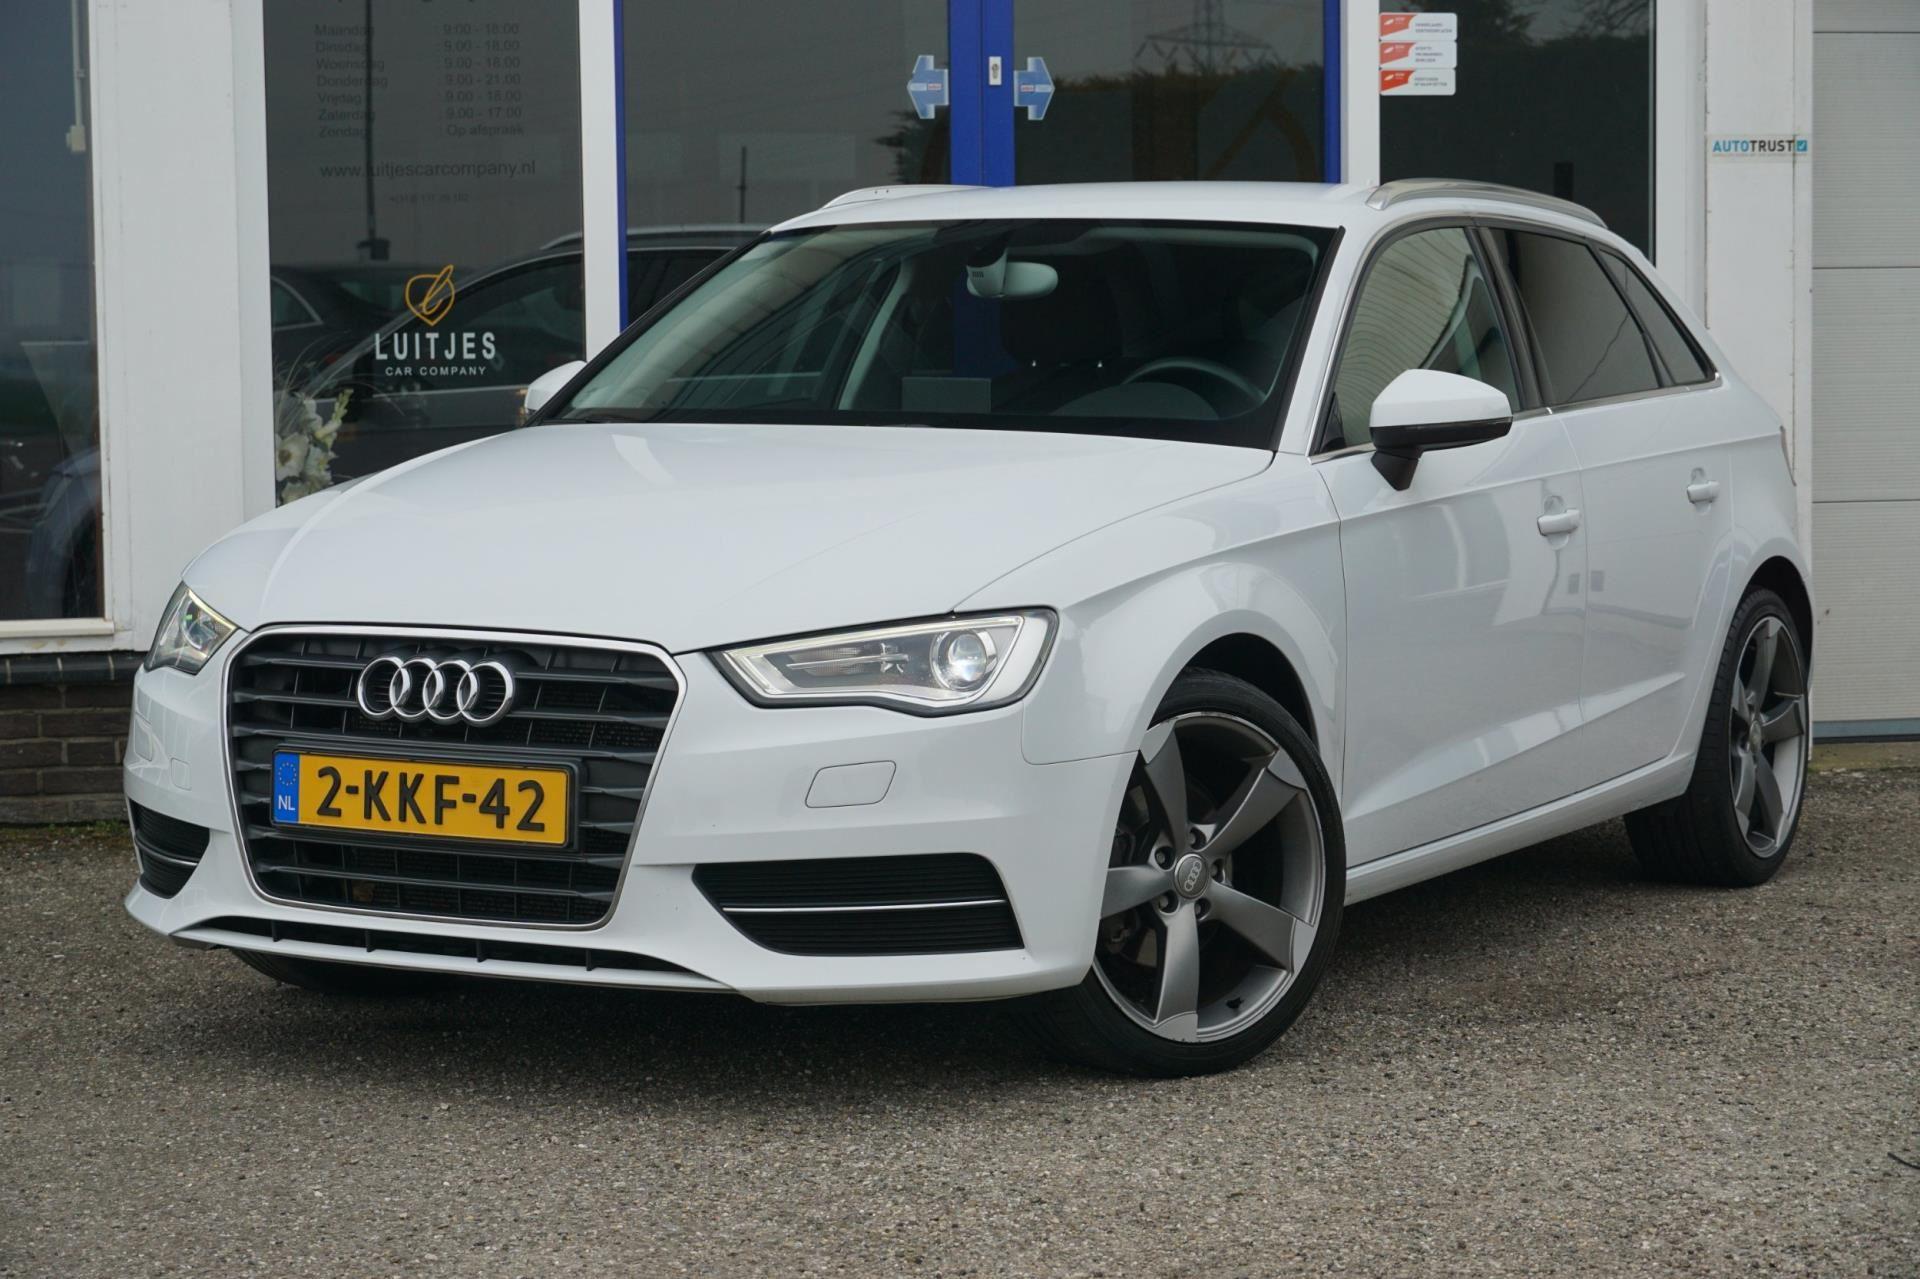 Audi A3 Sportback occasion - Luitjes Car Company